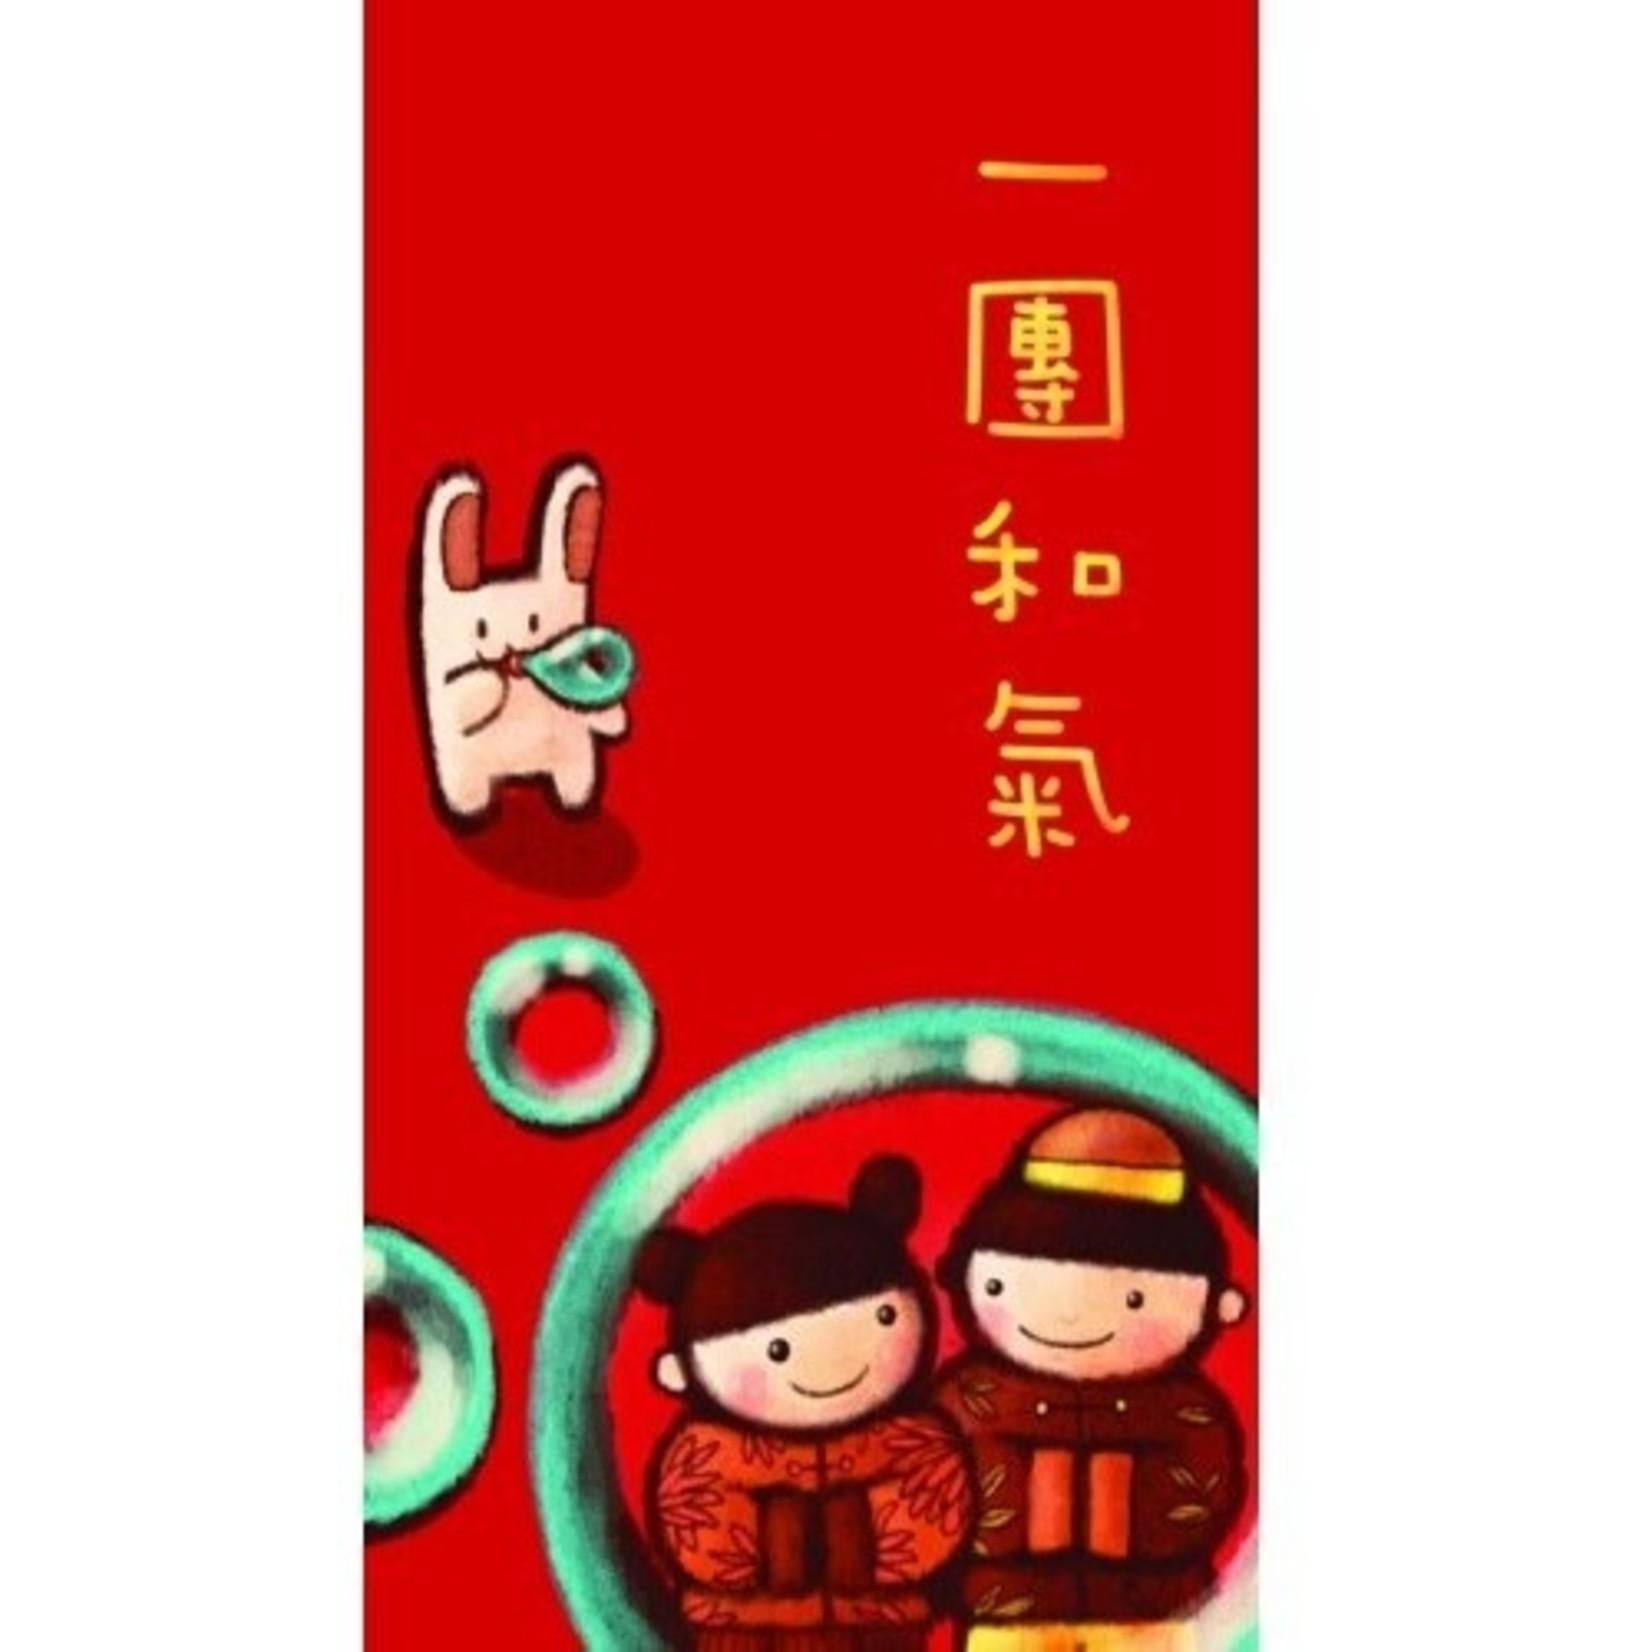 宣道 China Alliance Press 萬用利是封:一團和氣(長方形,每包20個)